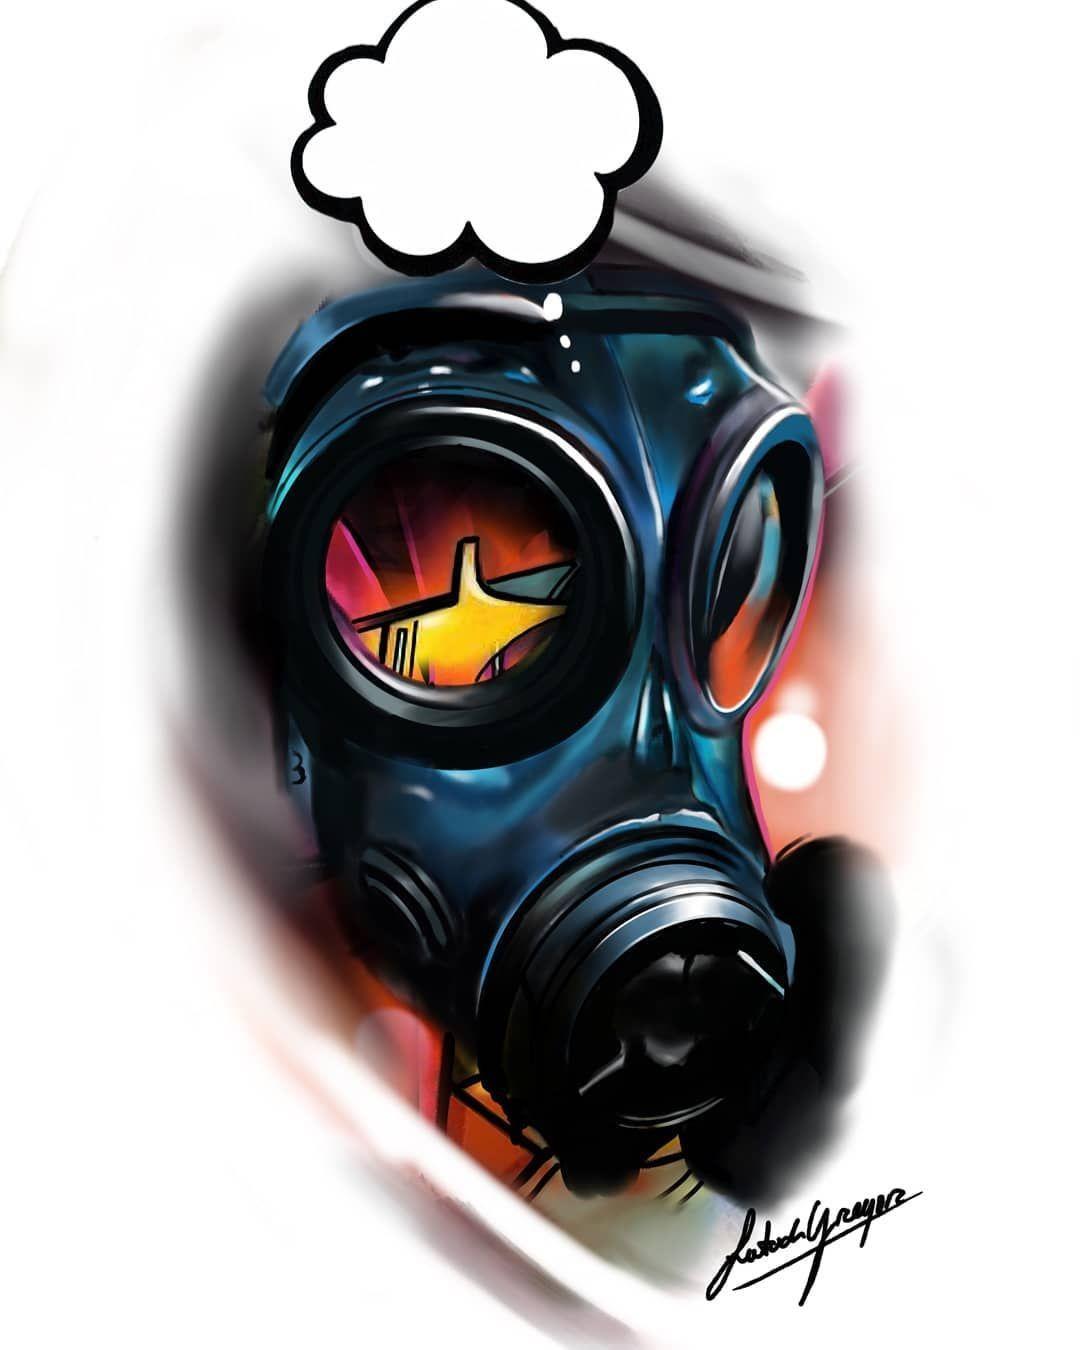 Projekt do zgarnięcia na skórę. #tattoo#tattooed#ink#mask#art#painting#digitaldrawing#drawing#graffitiart#graffiti#mask#gasmask#artist#procreate#project#tattoodesign#tatuaż#rzeszów#rzeszówtattoo#polandtattoos# @procreate @tattoo_breakin_ink_ #graffiti#graffitiart#streetart#streetartist#streetartists#graffart#graffitiwall